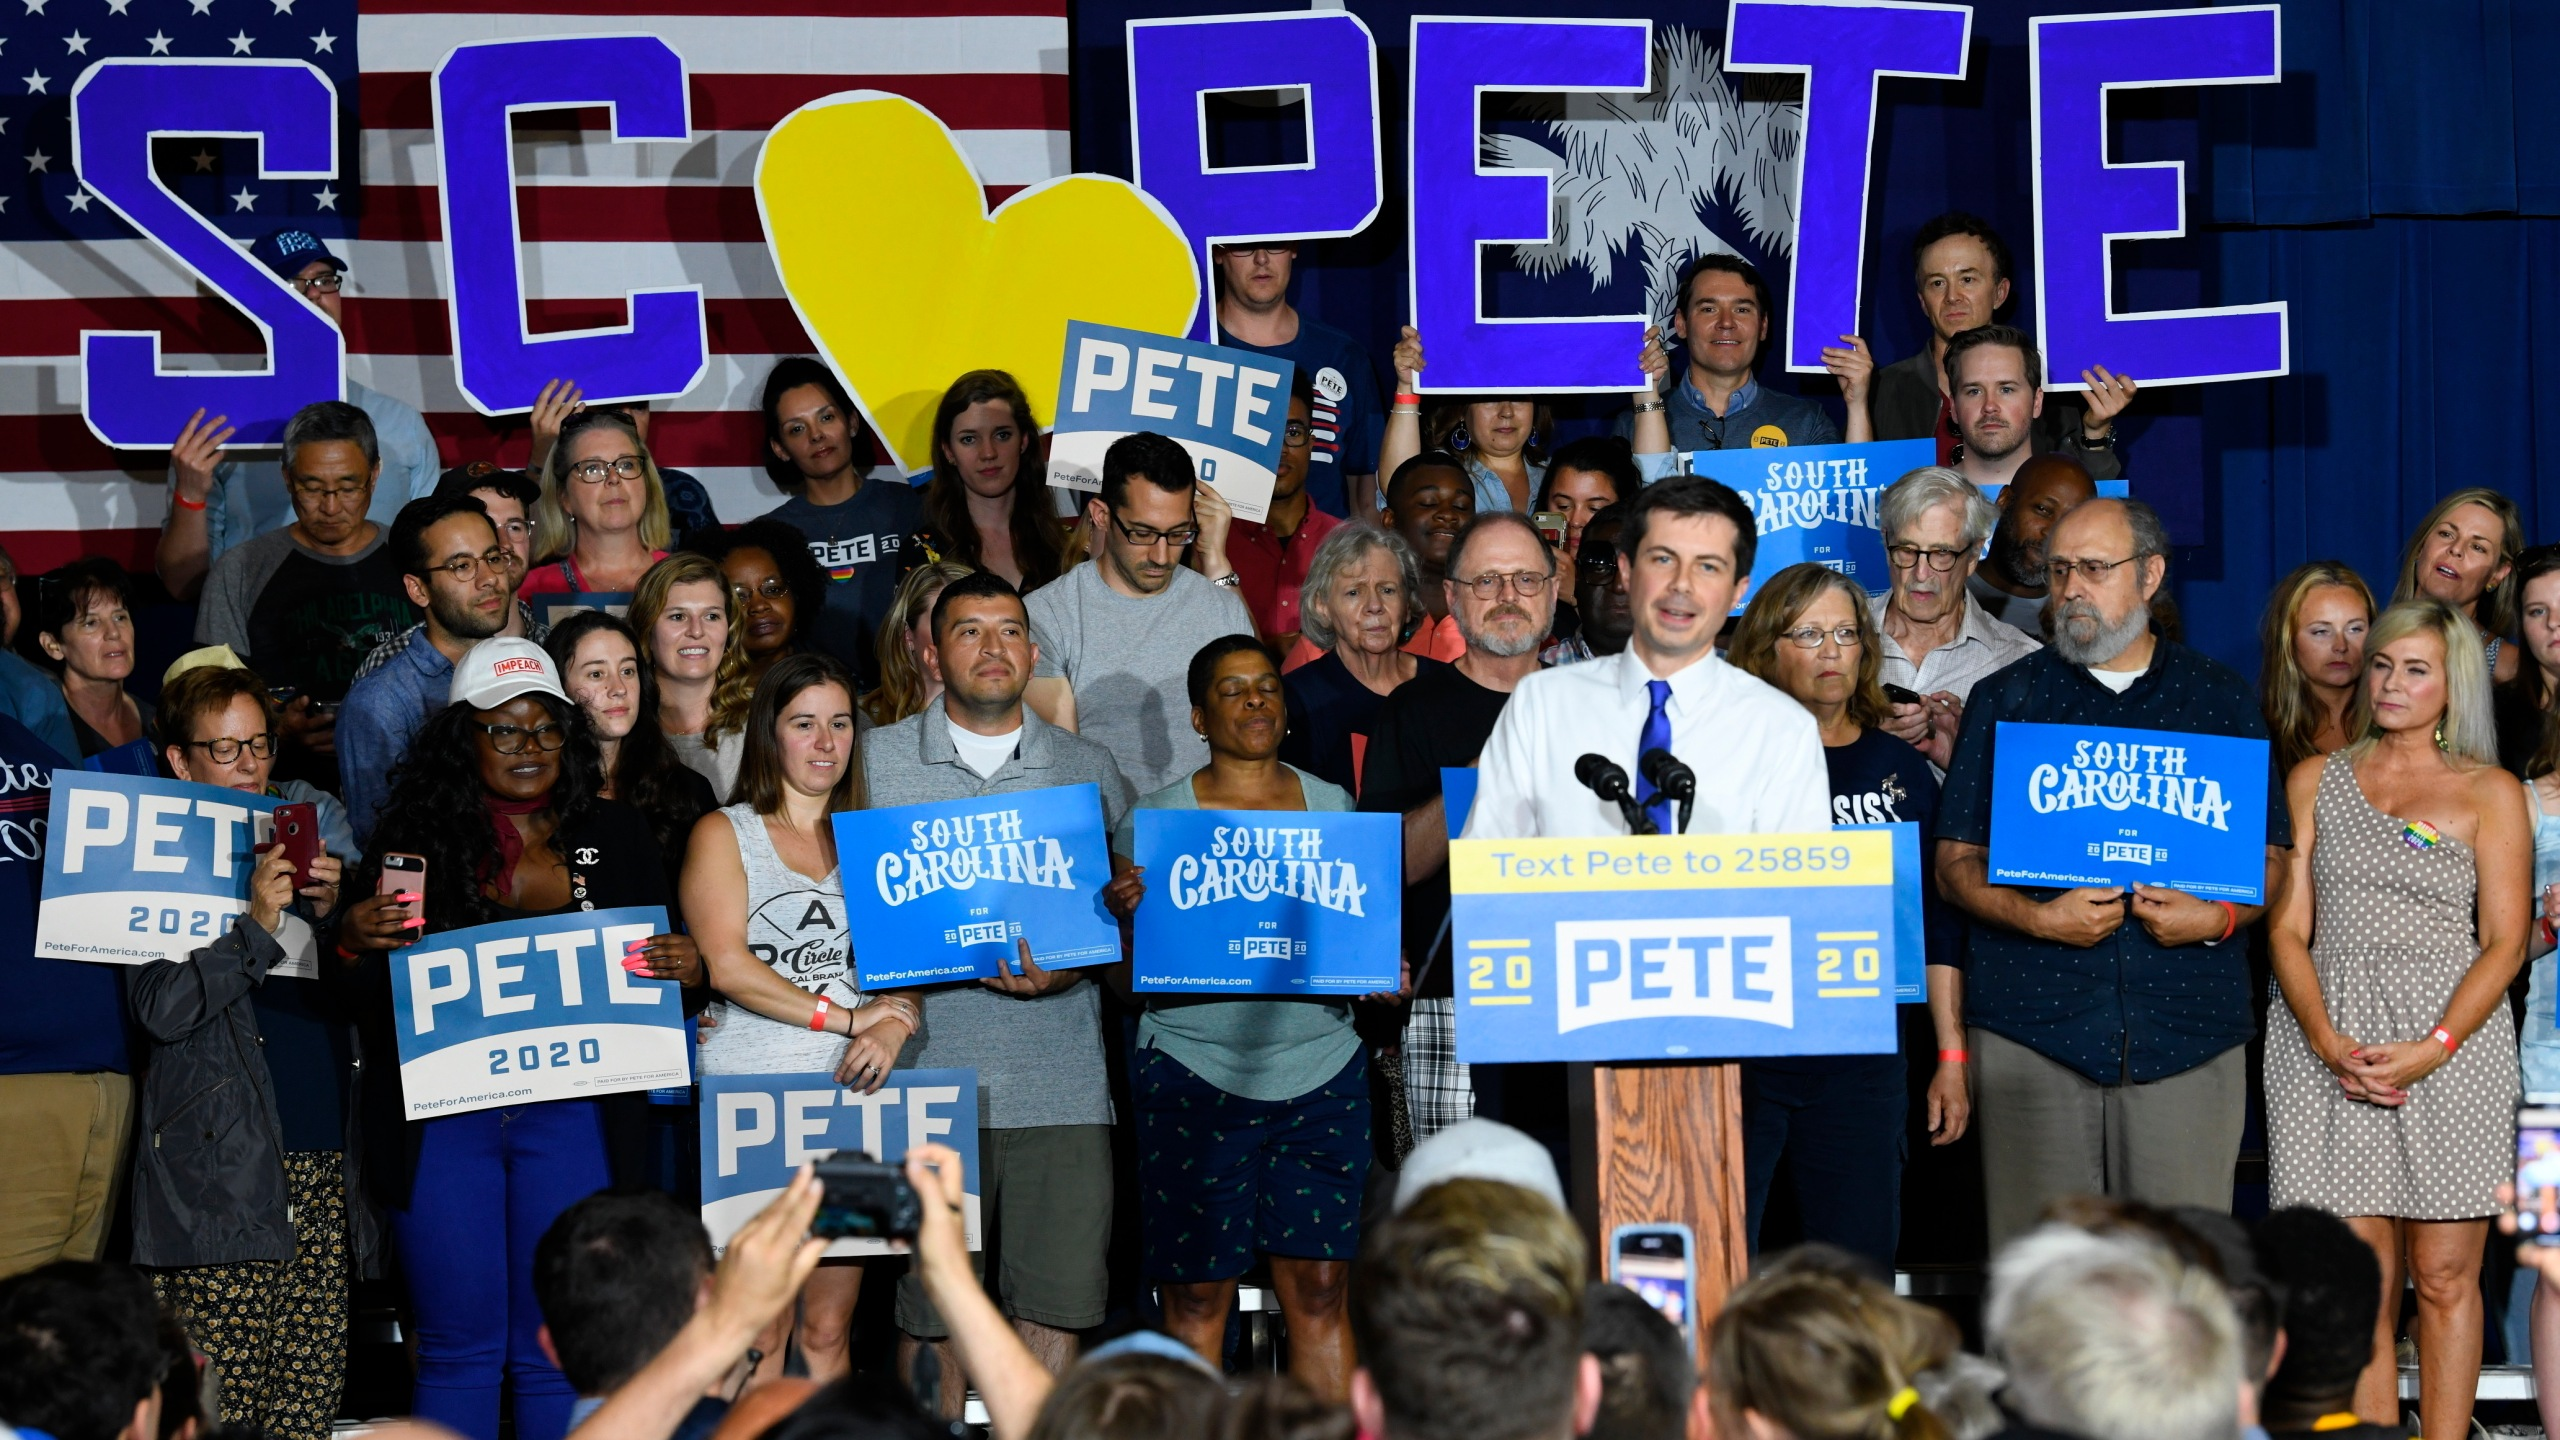 Pete Buttigieg